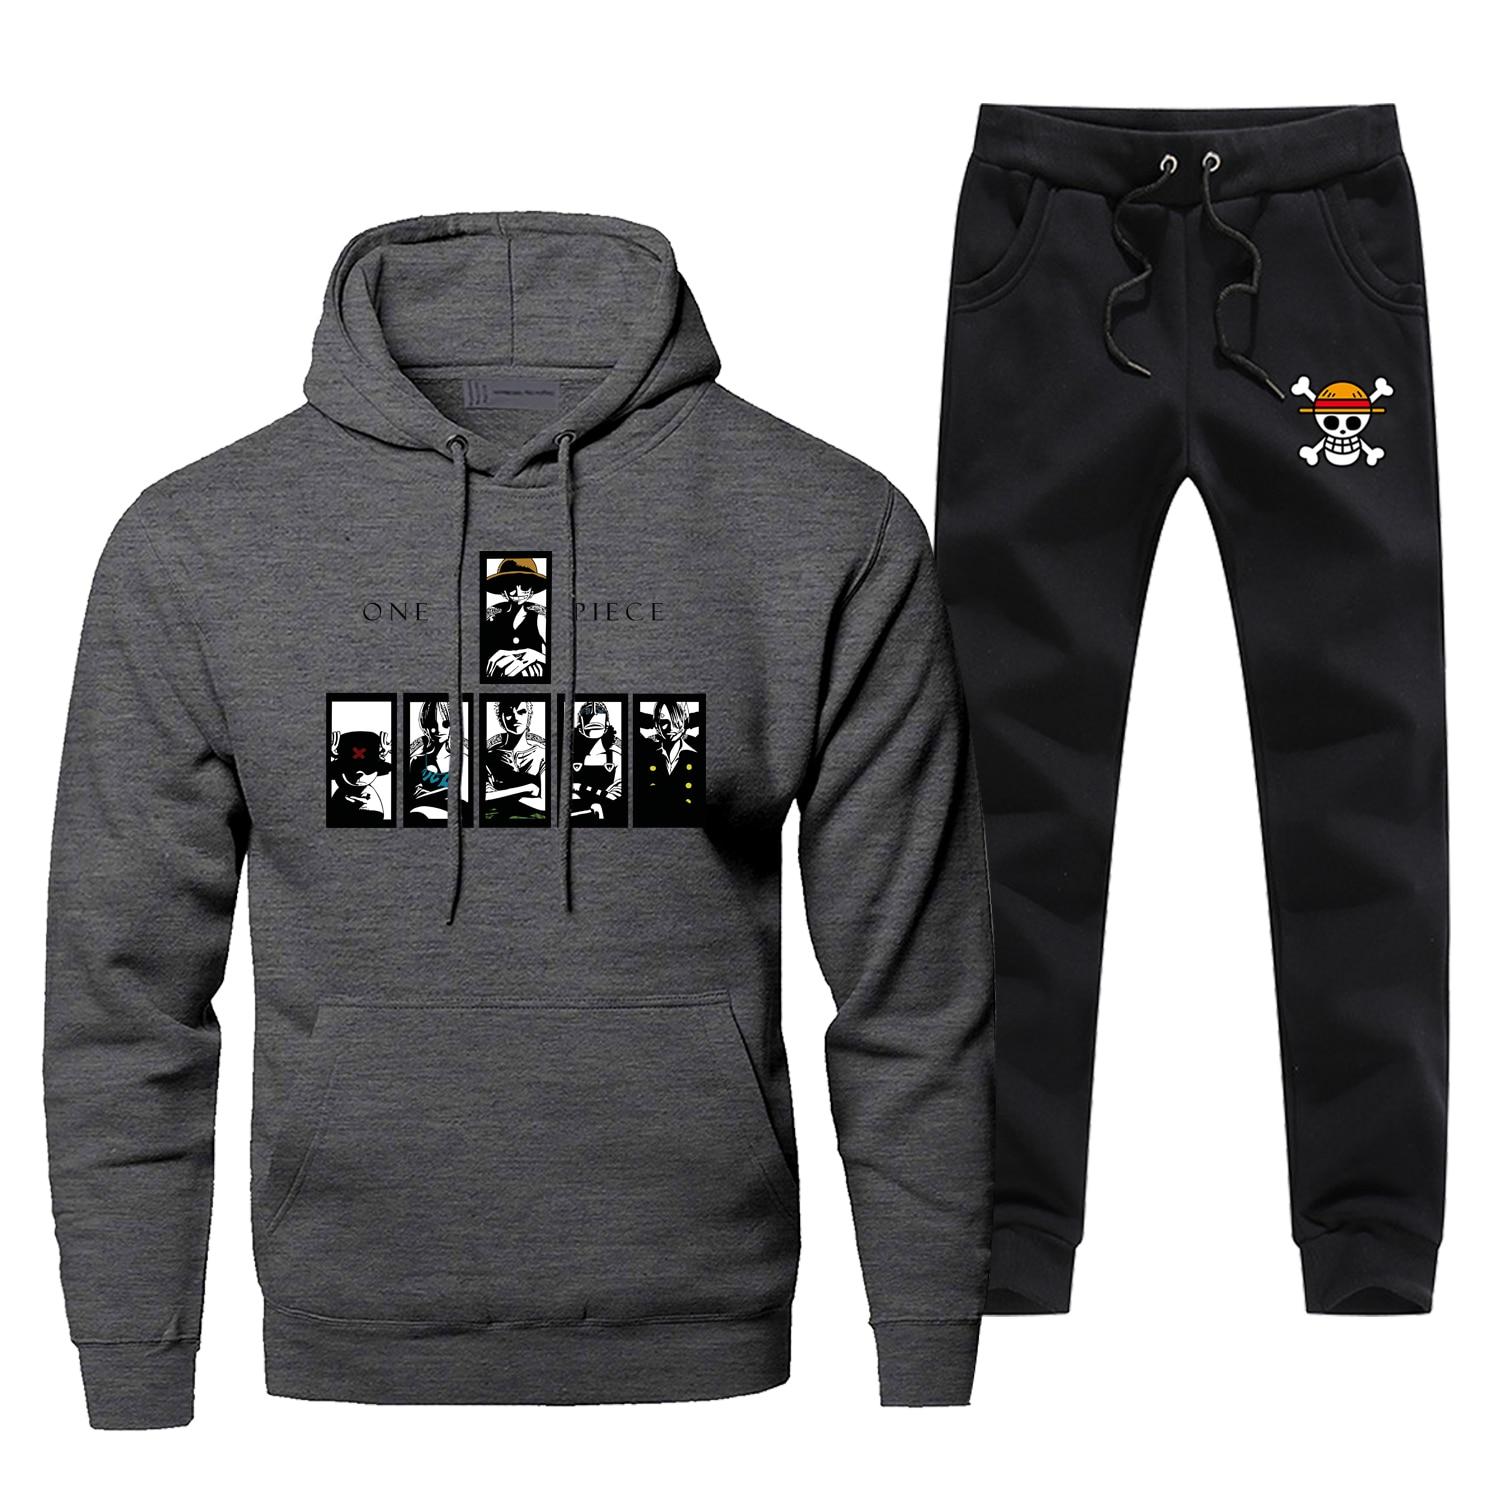 One Piece Japan Anime Hoodies Luffy The Straw Hat Pirates Sweatshirt Pants Sets Men Fleece Sportswear Sweatpants Streetwear